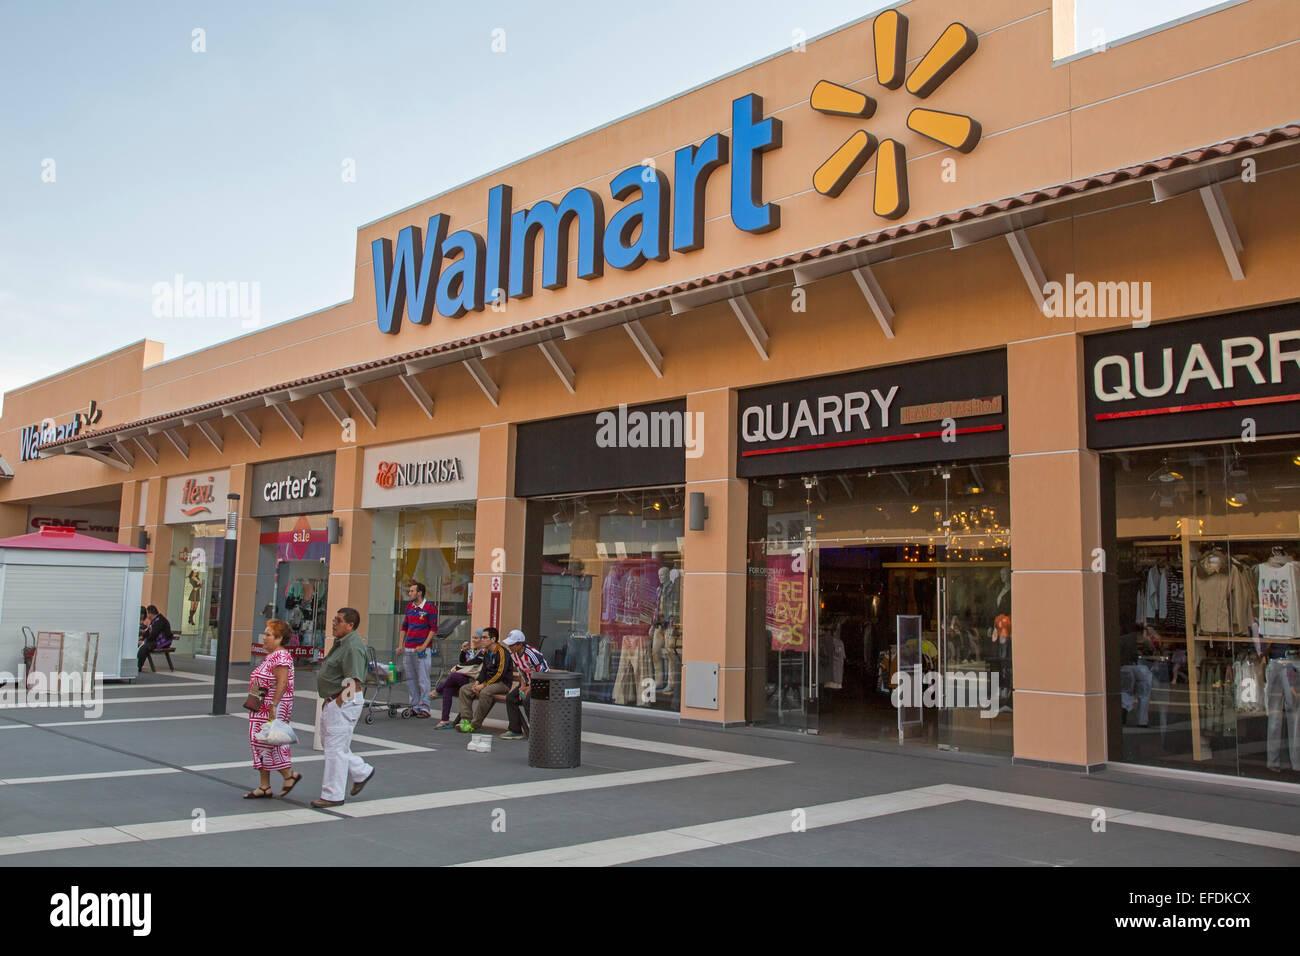 Walmart Shopping Center Stock Photos & Walmart Shopping Center Stock ...